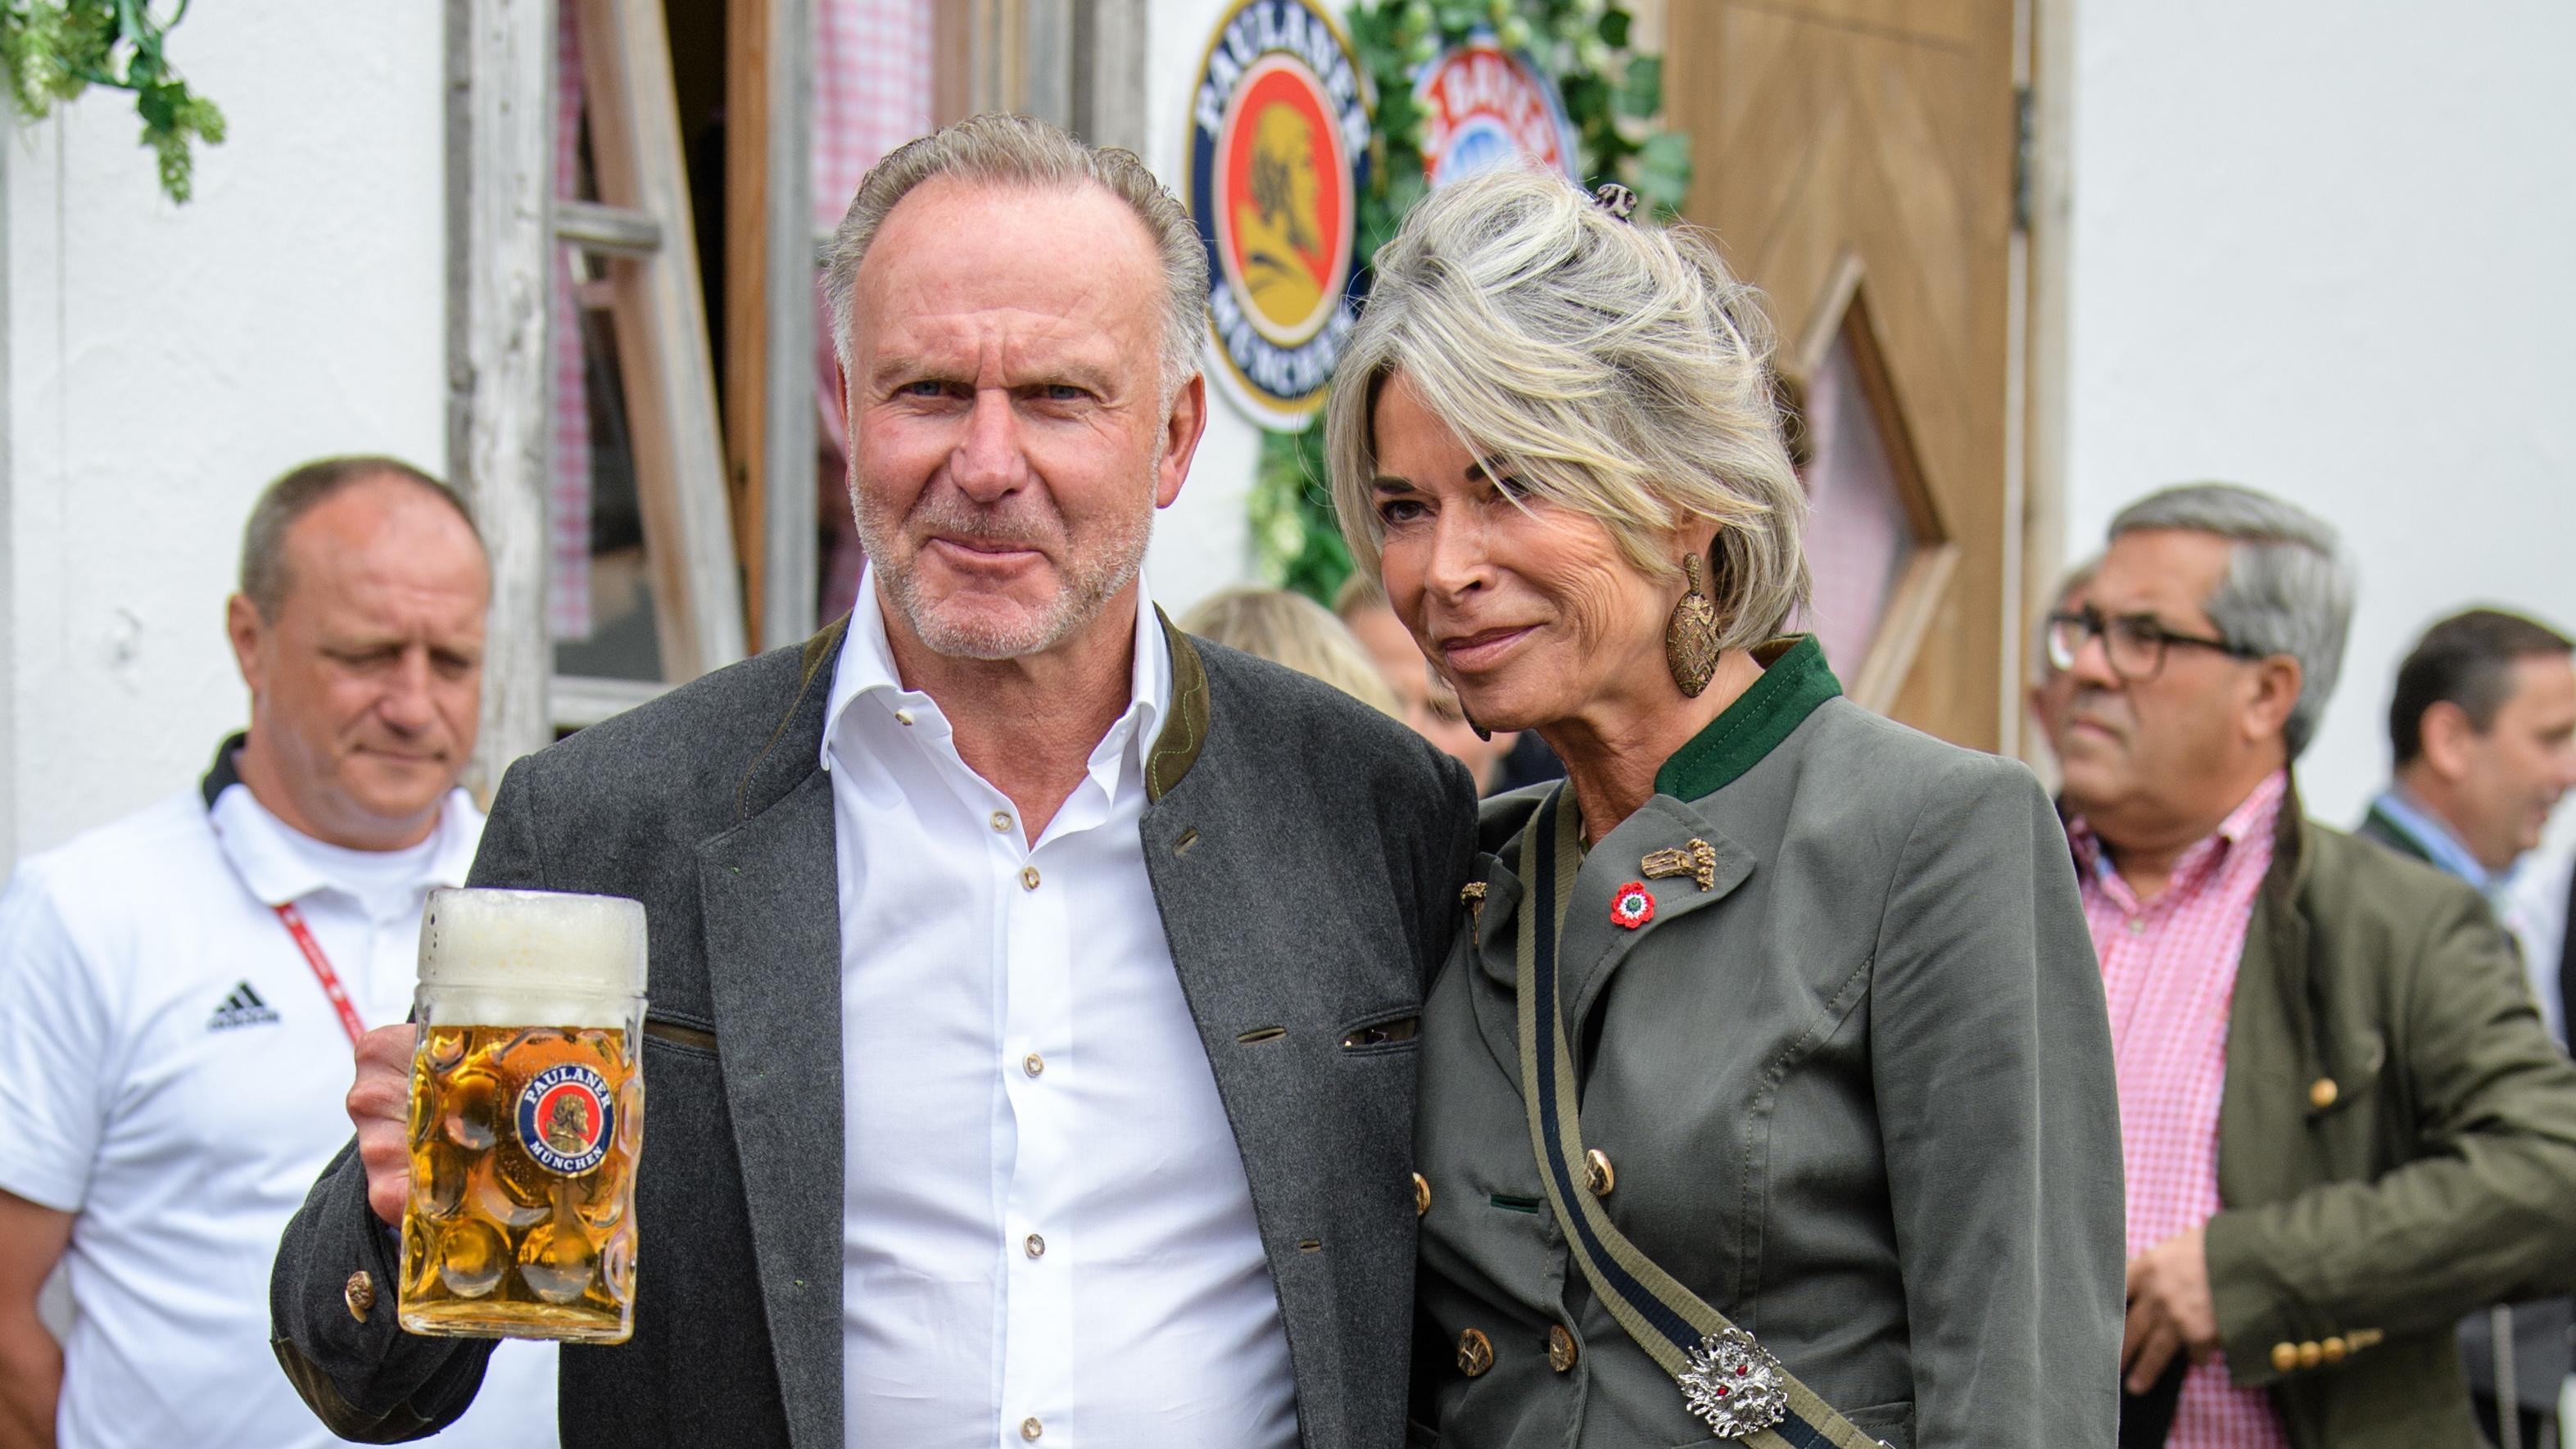 Karl-Heinz Rummenigge mit Ehefrau Martina